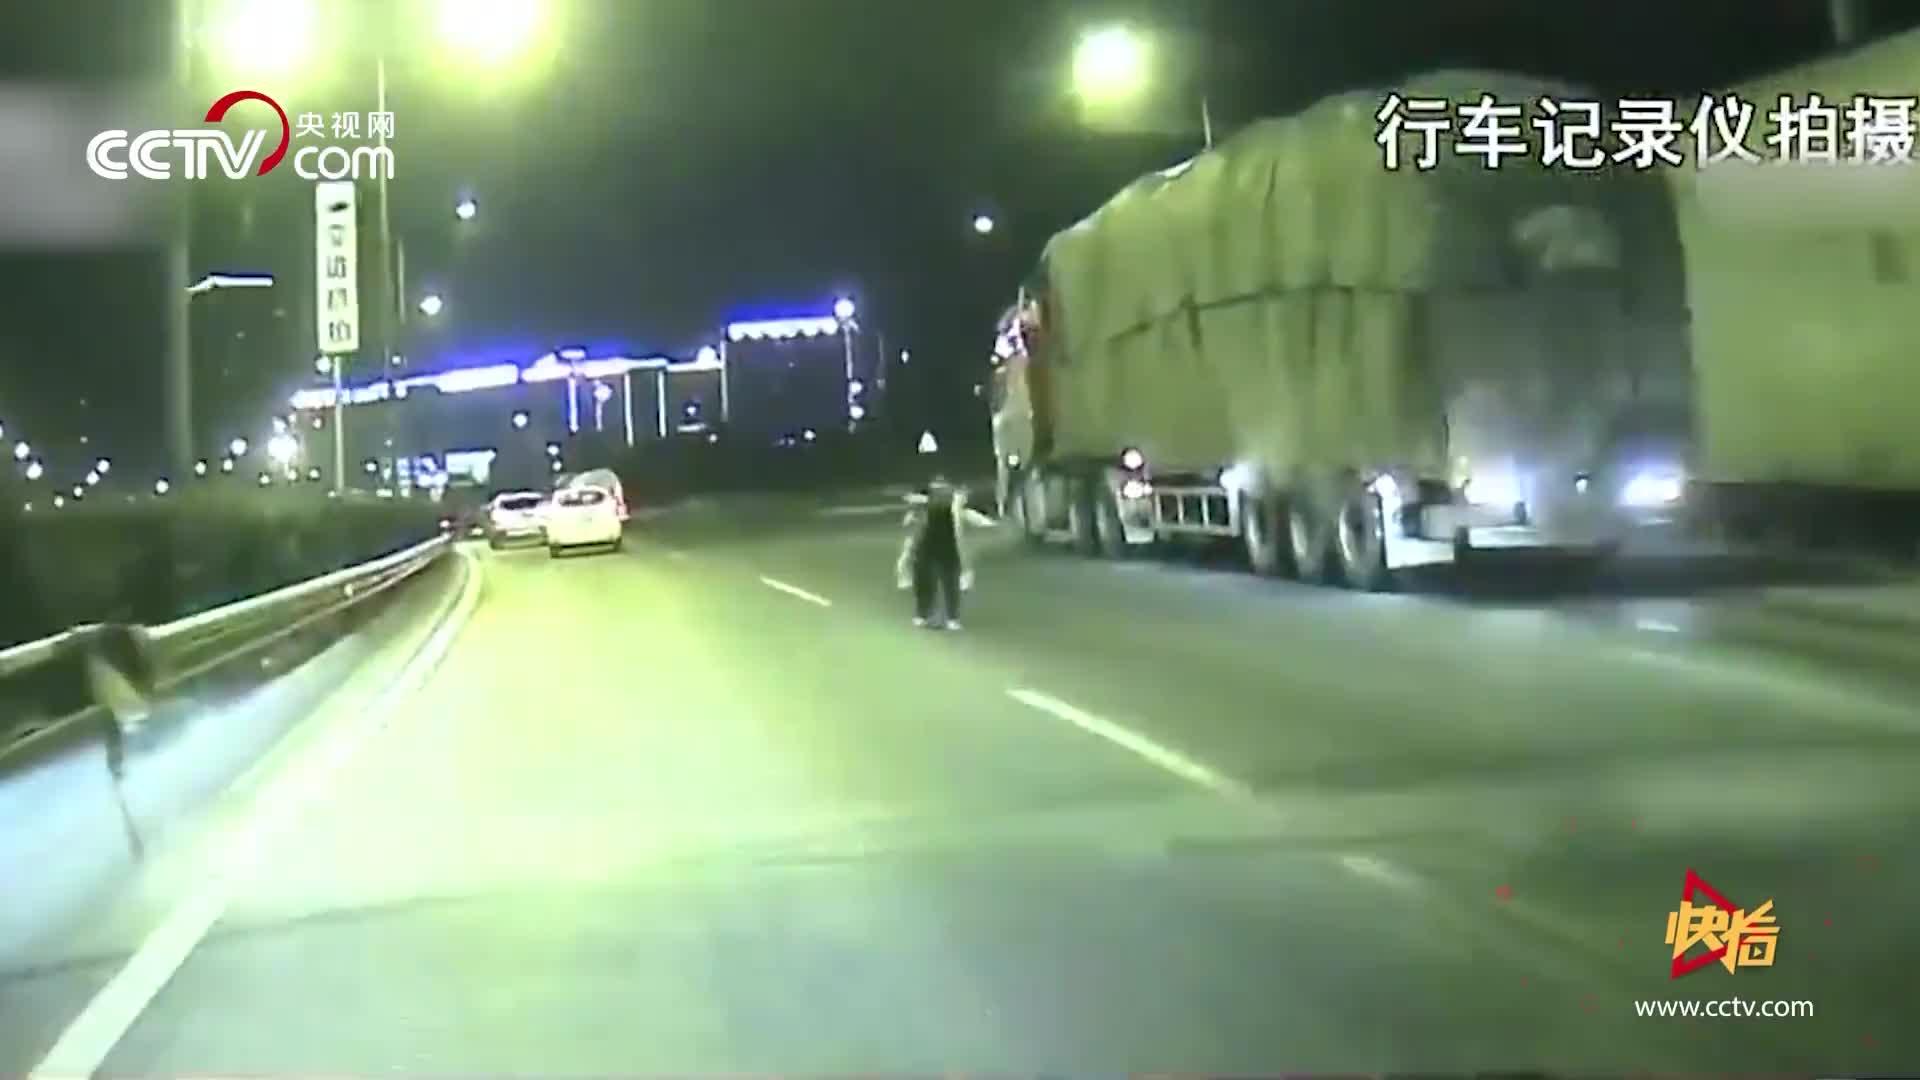 """[视频]白衣女子深夜快速路上跪地求""""拥抱"""" 司机吓出一身冷汗"""